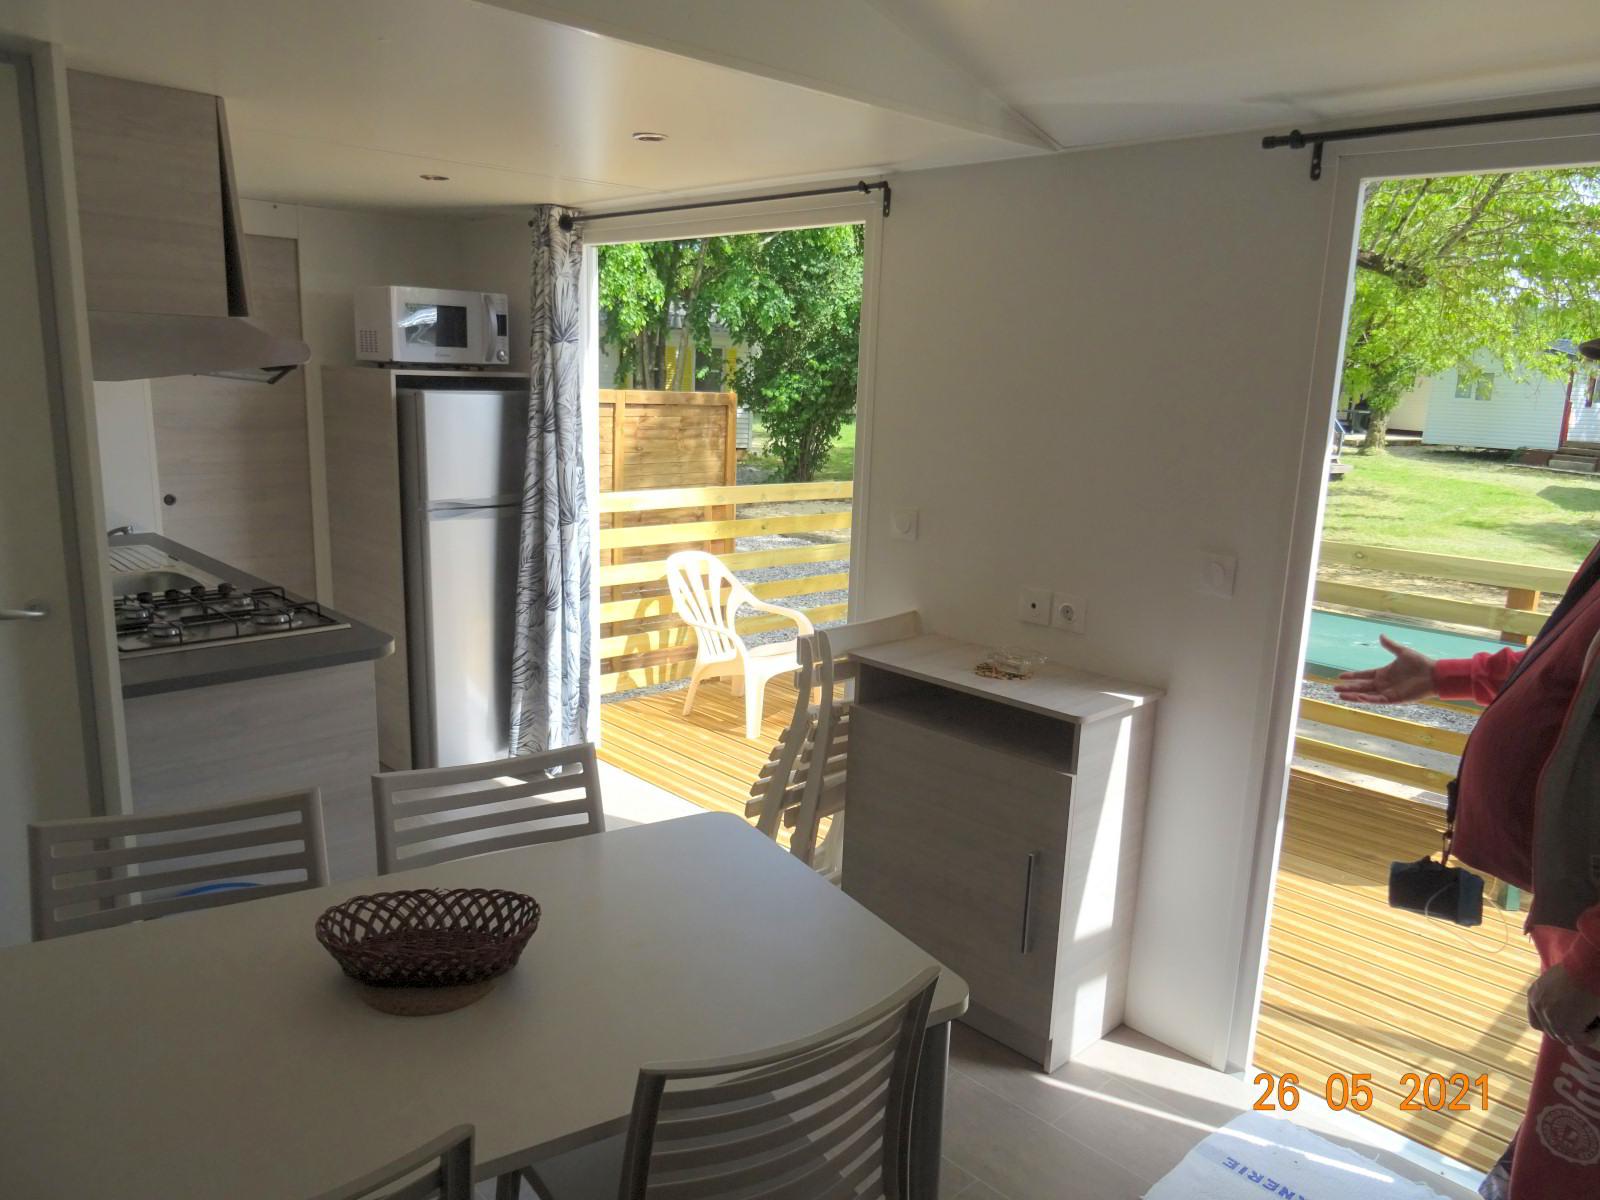 Salon et portes-fenêtres donnant sur terrasse, nouveau mobil-home 4 vacanciers